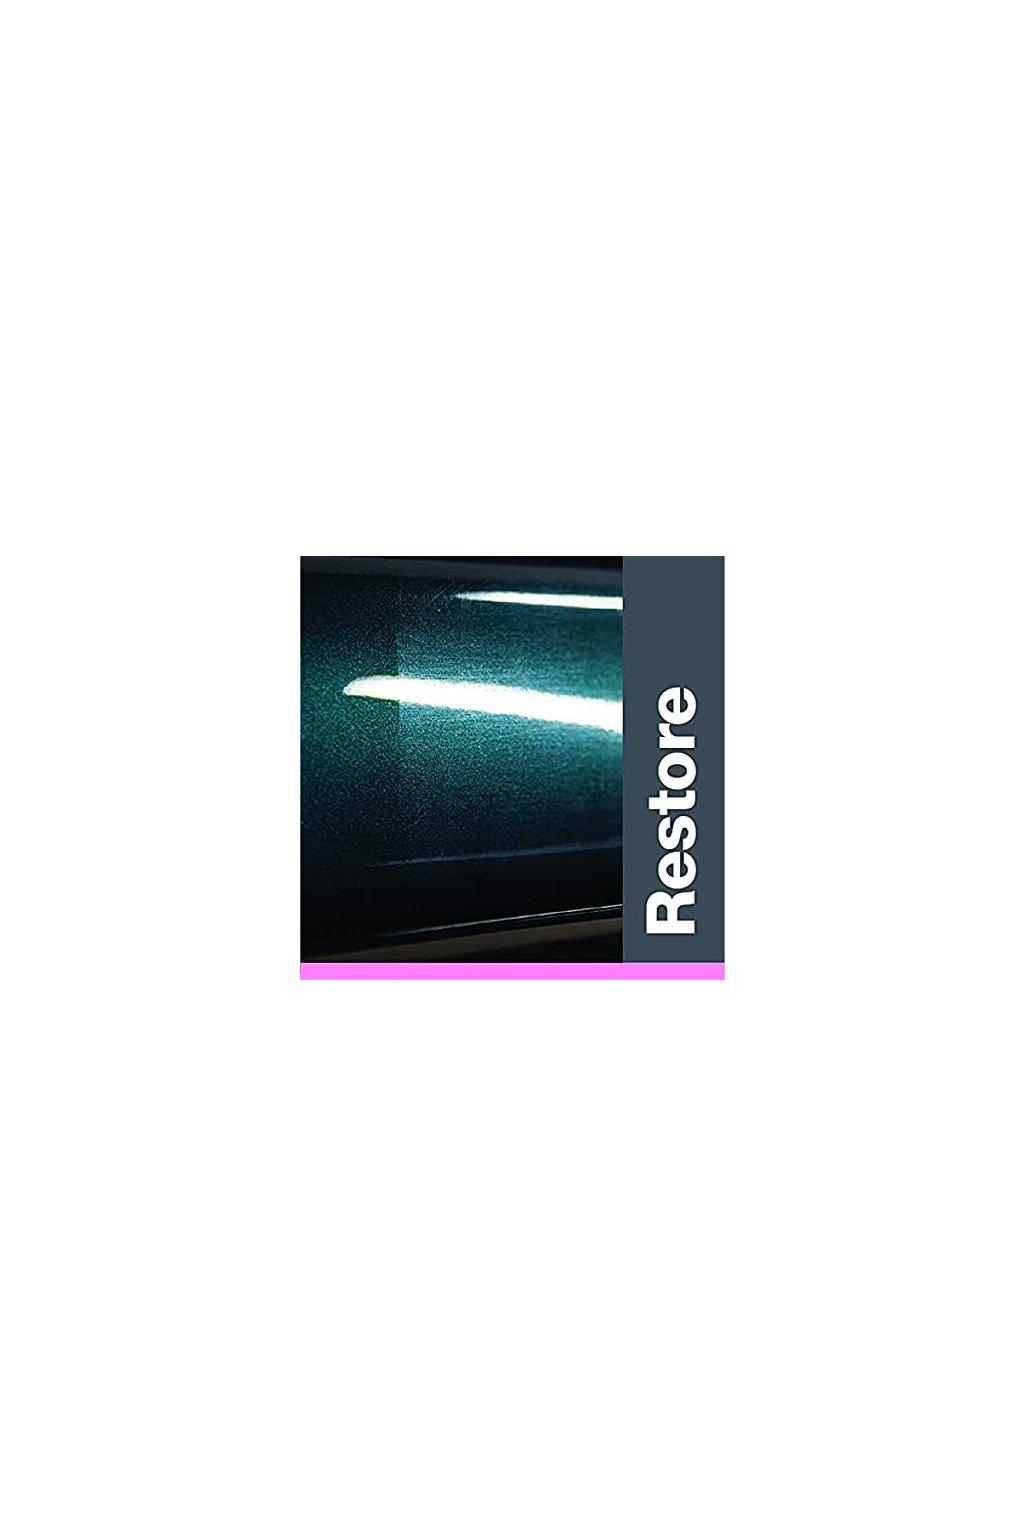 SAPP0068A Simoniz Colour Restorer